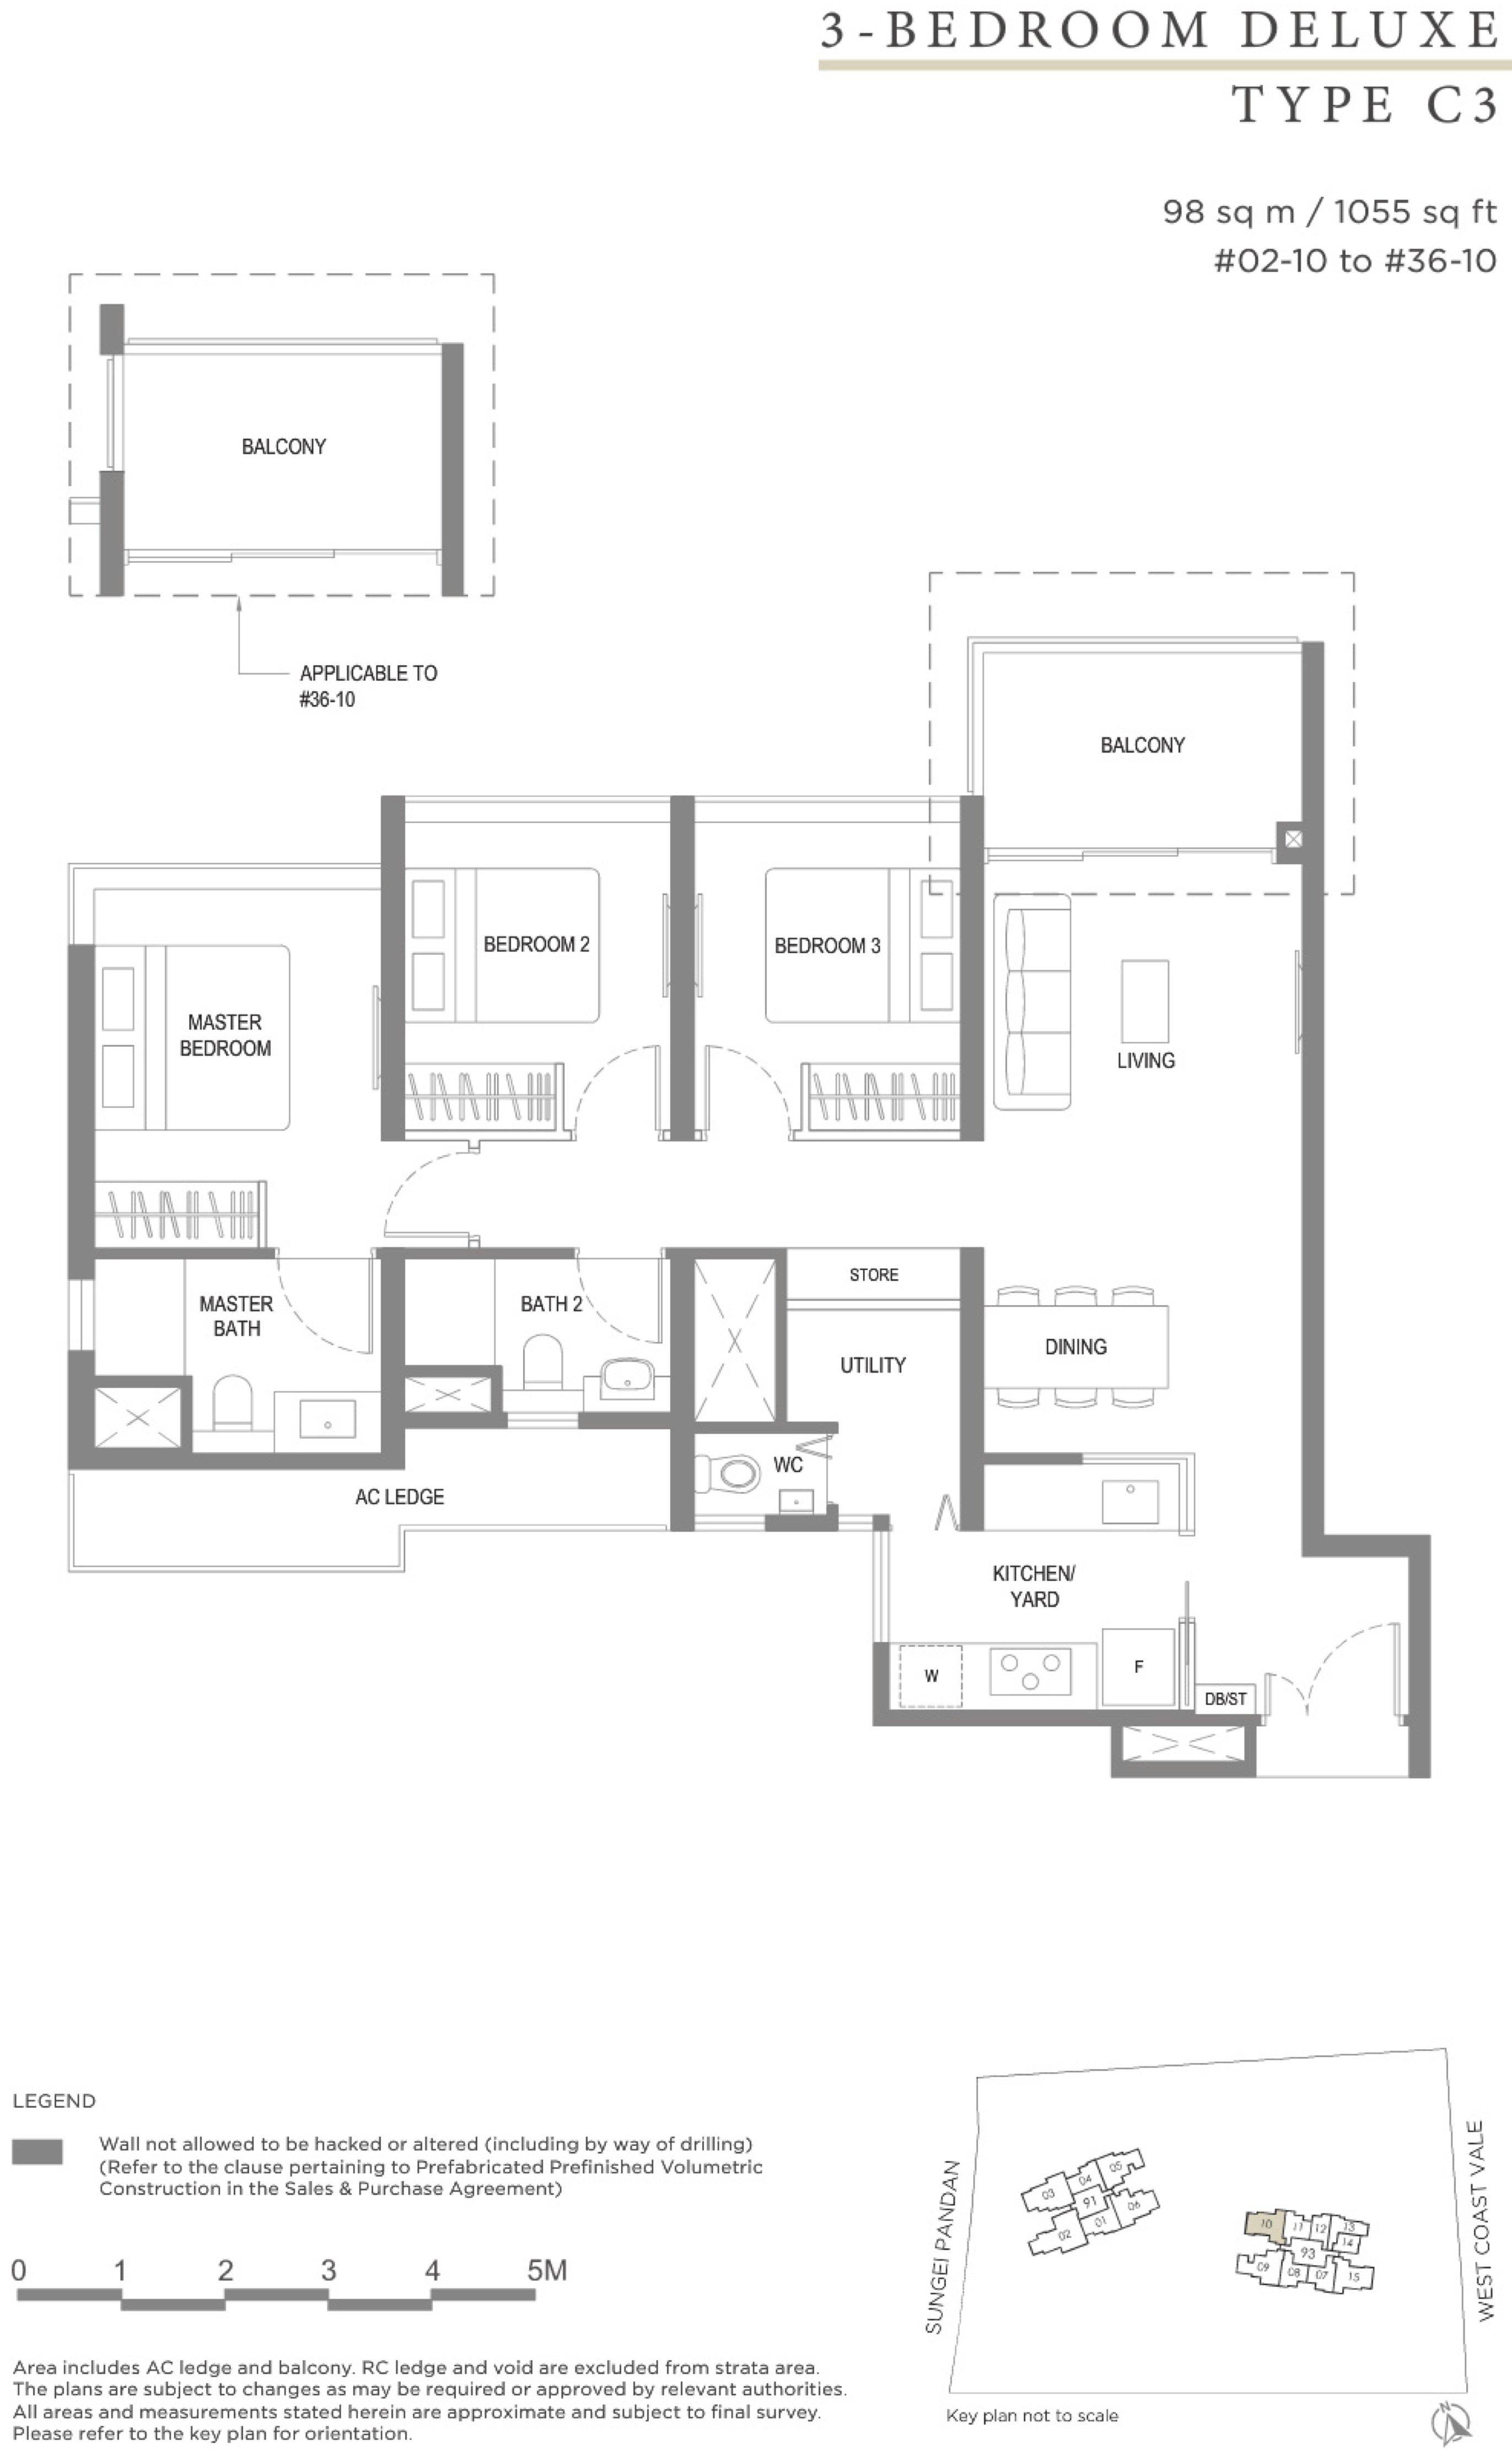 Twin VEW 3 bedroom deluxe C3 floor plan